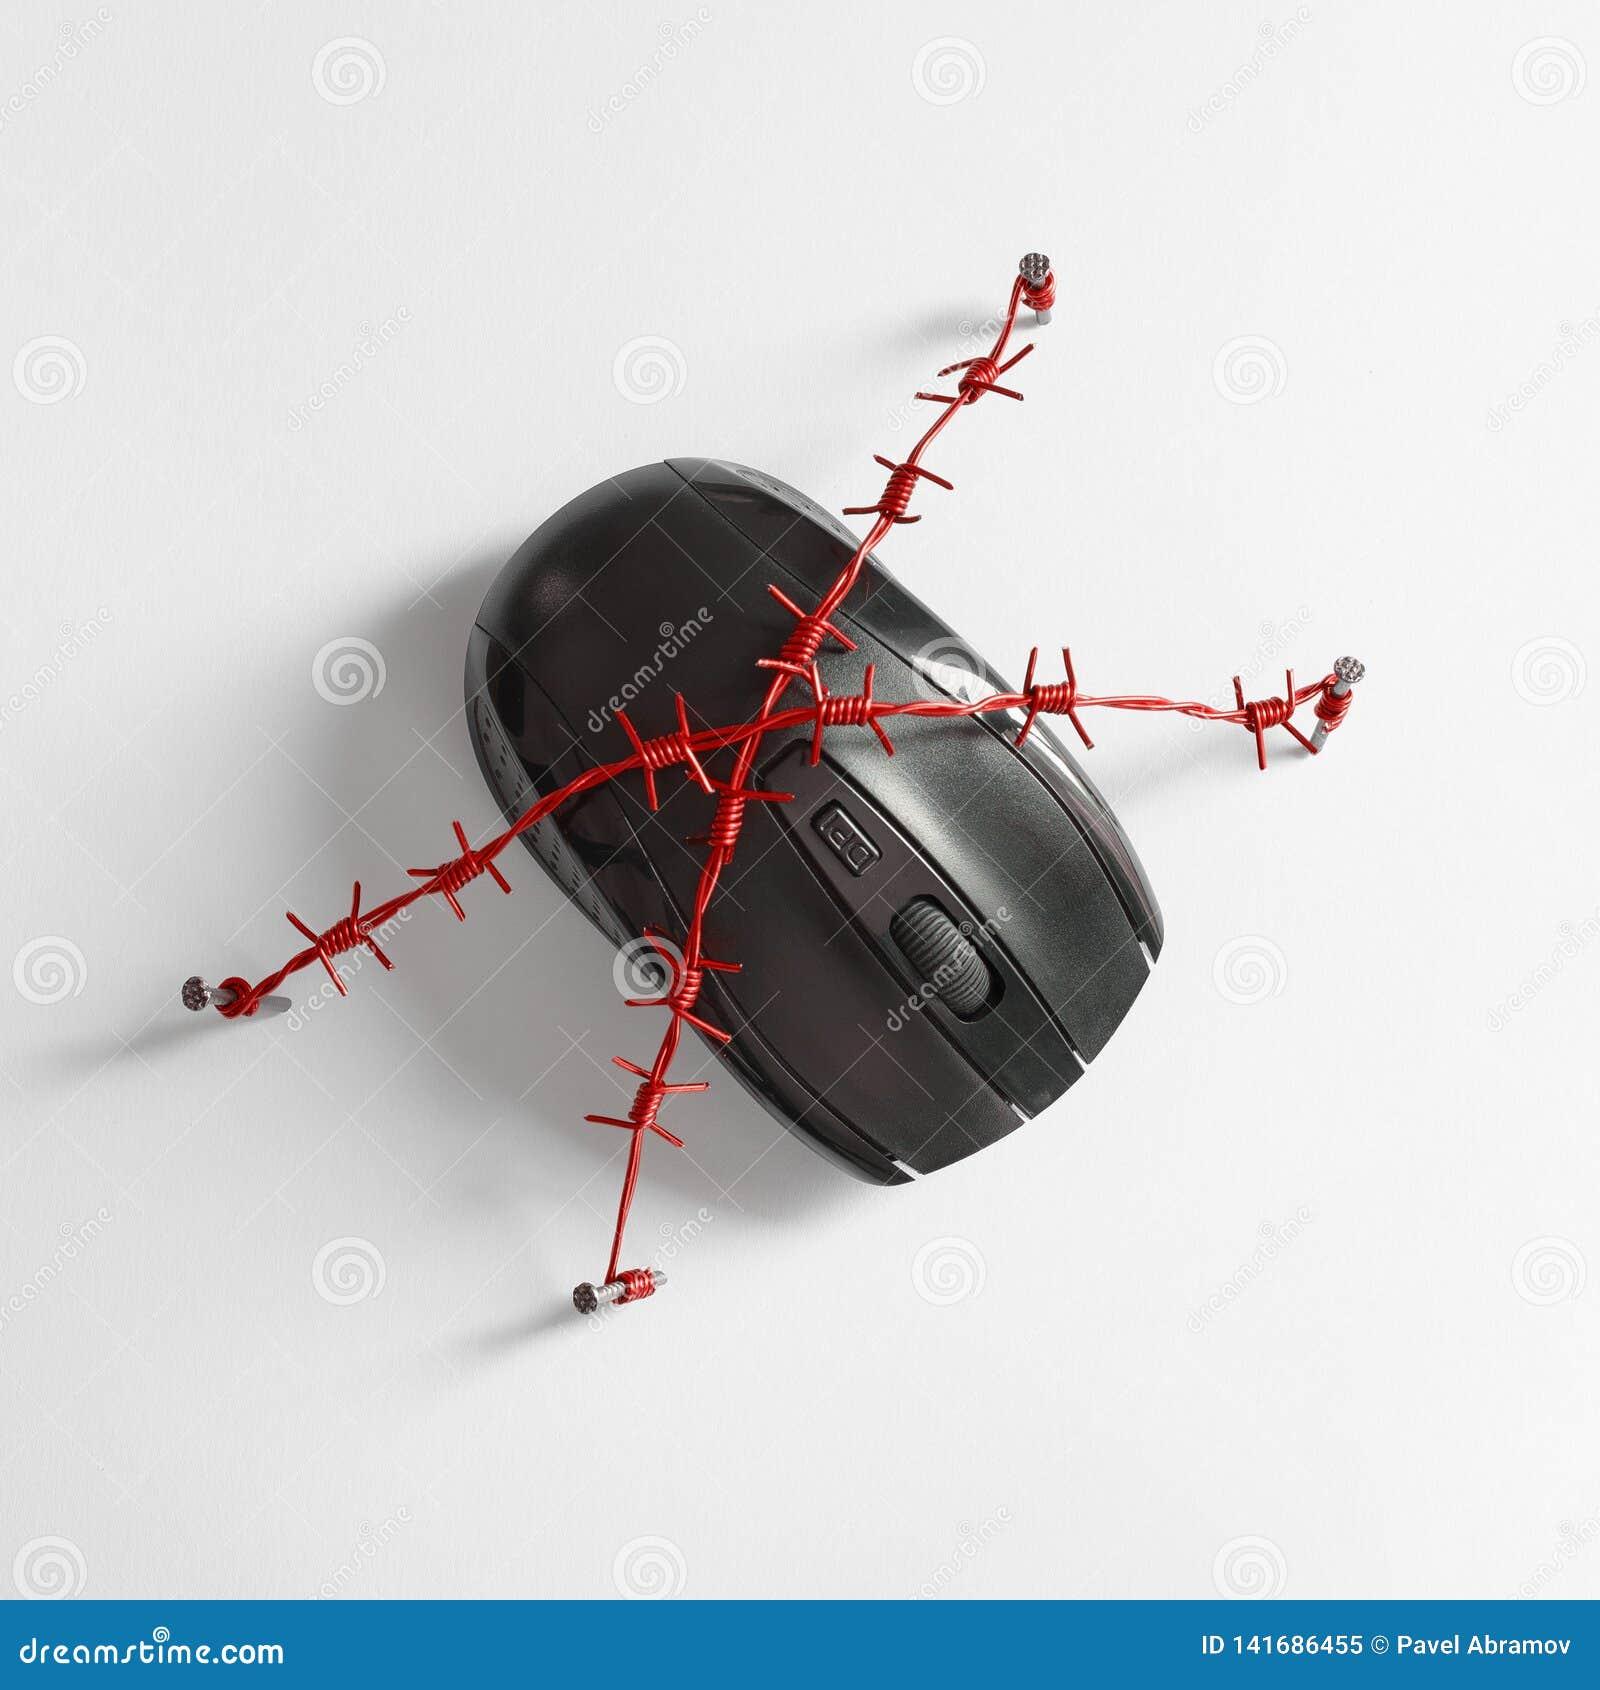 Maus mit rotem Stacheldraht Konzept für das Thema der menschlichen Abhängigkeit auf sozialen Netzwerken, dem Internet und Spielsu